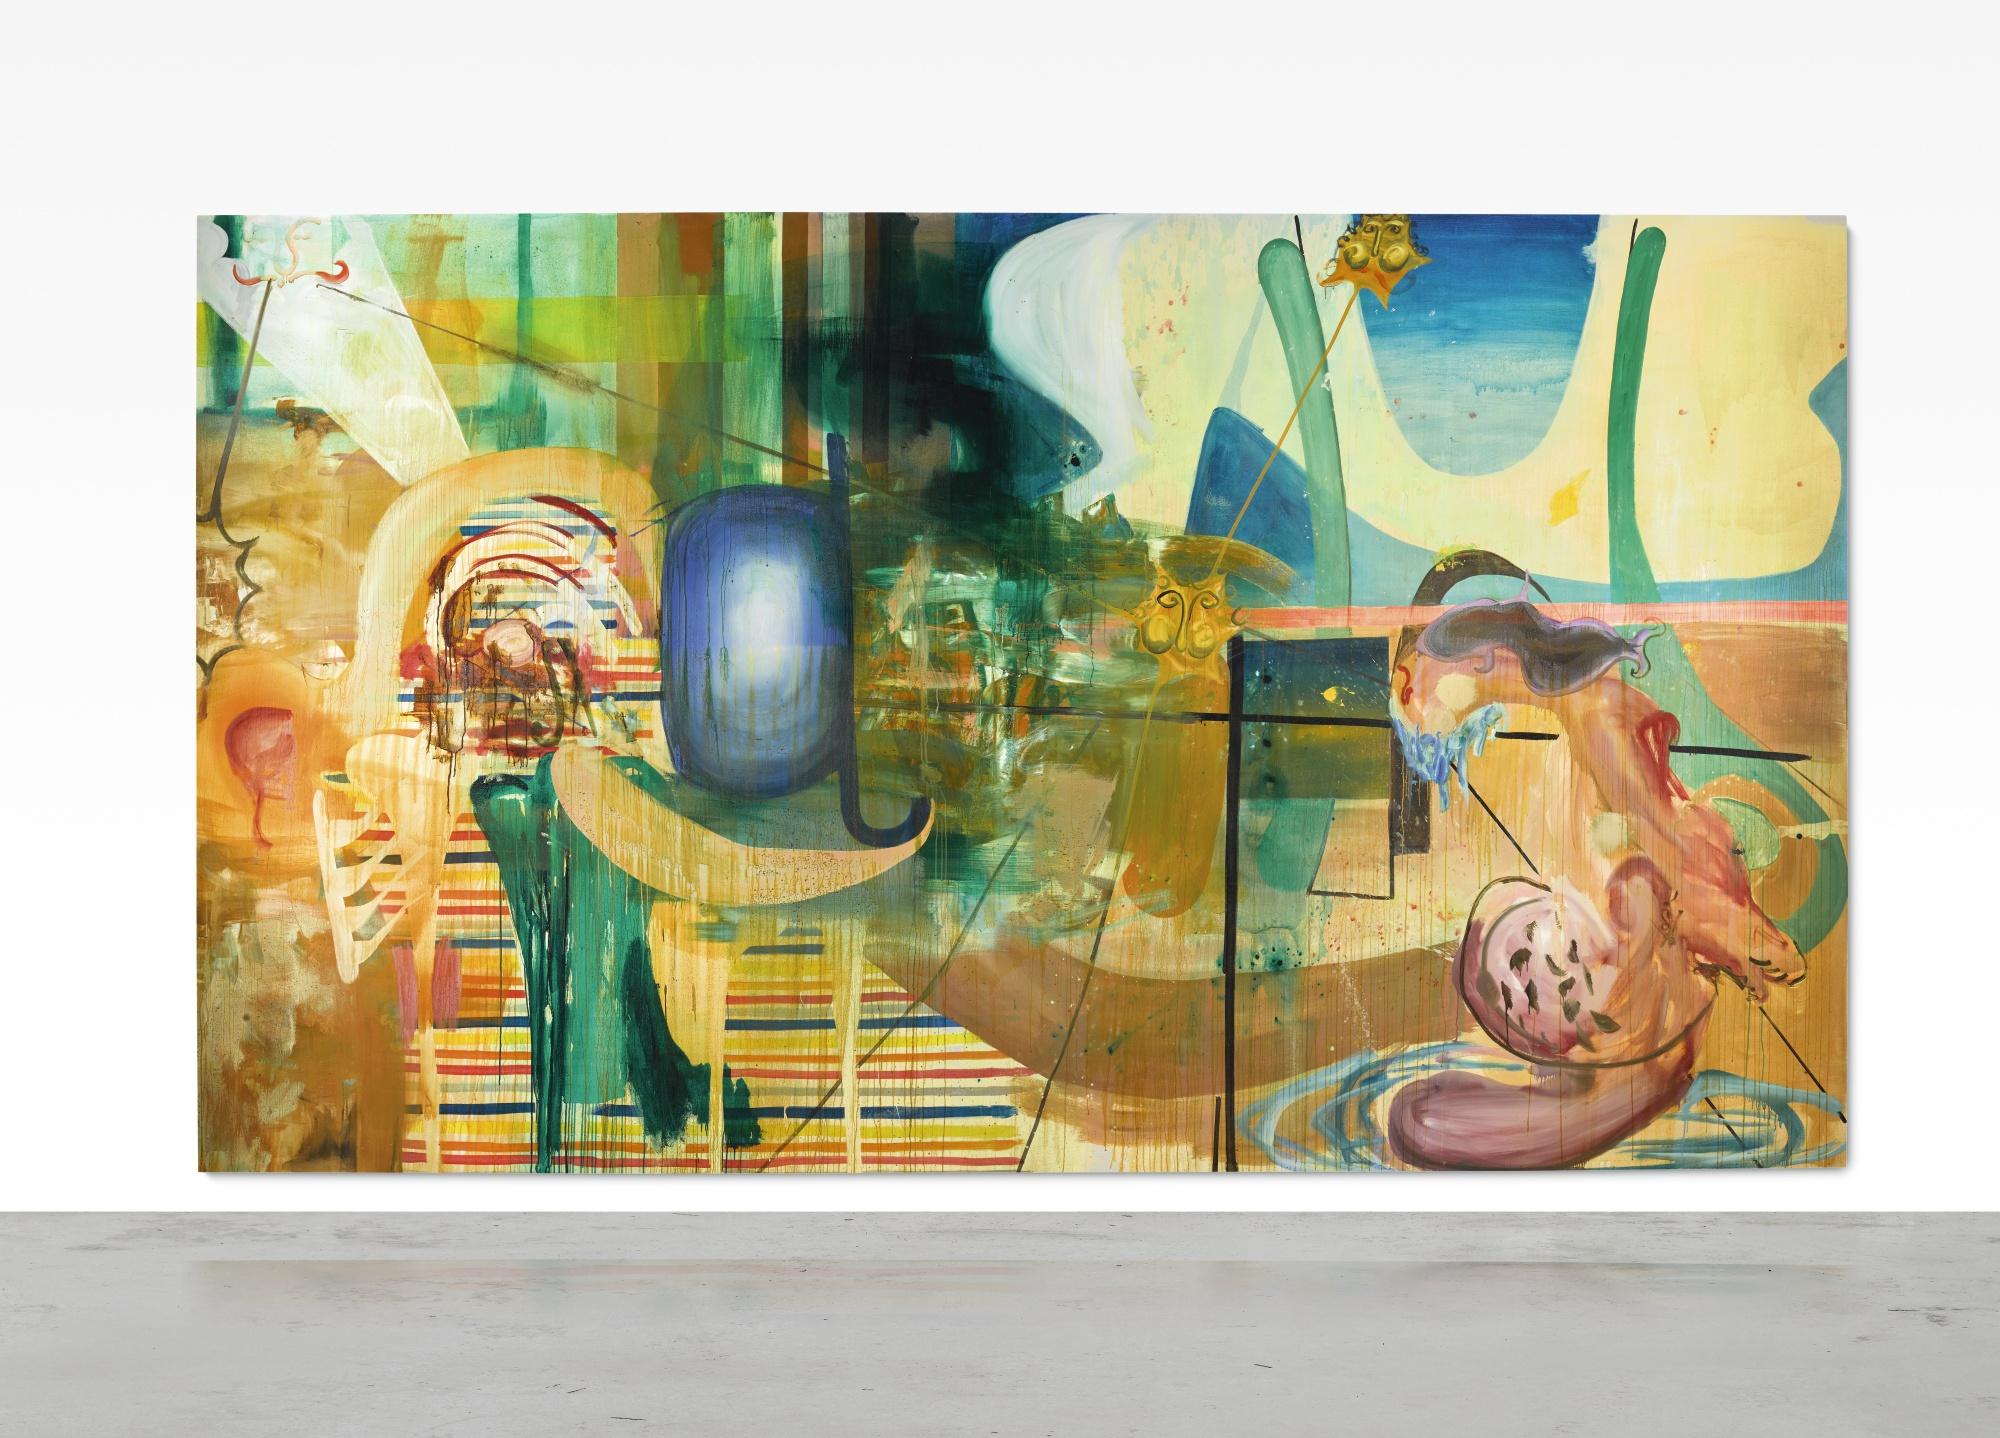 Albert Oehlen, Die Badenden, 1999. Verkauft bei Sotheby's für 2,30 Millionen GBP | Foto: Sotheby's